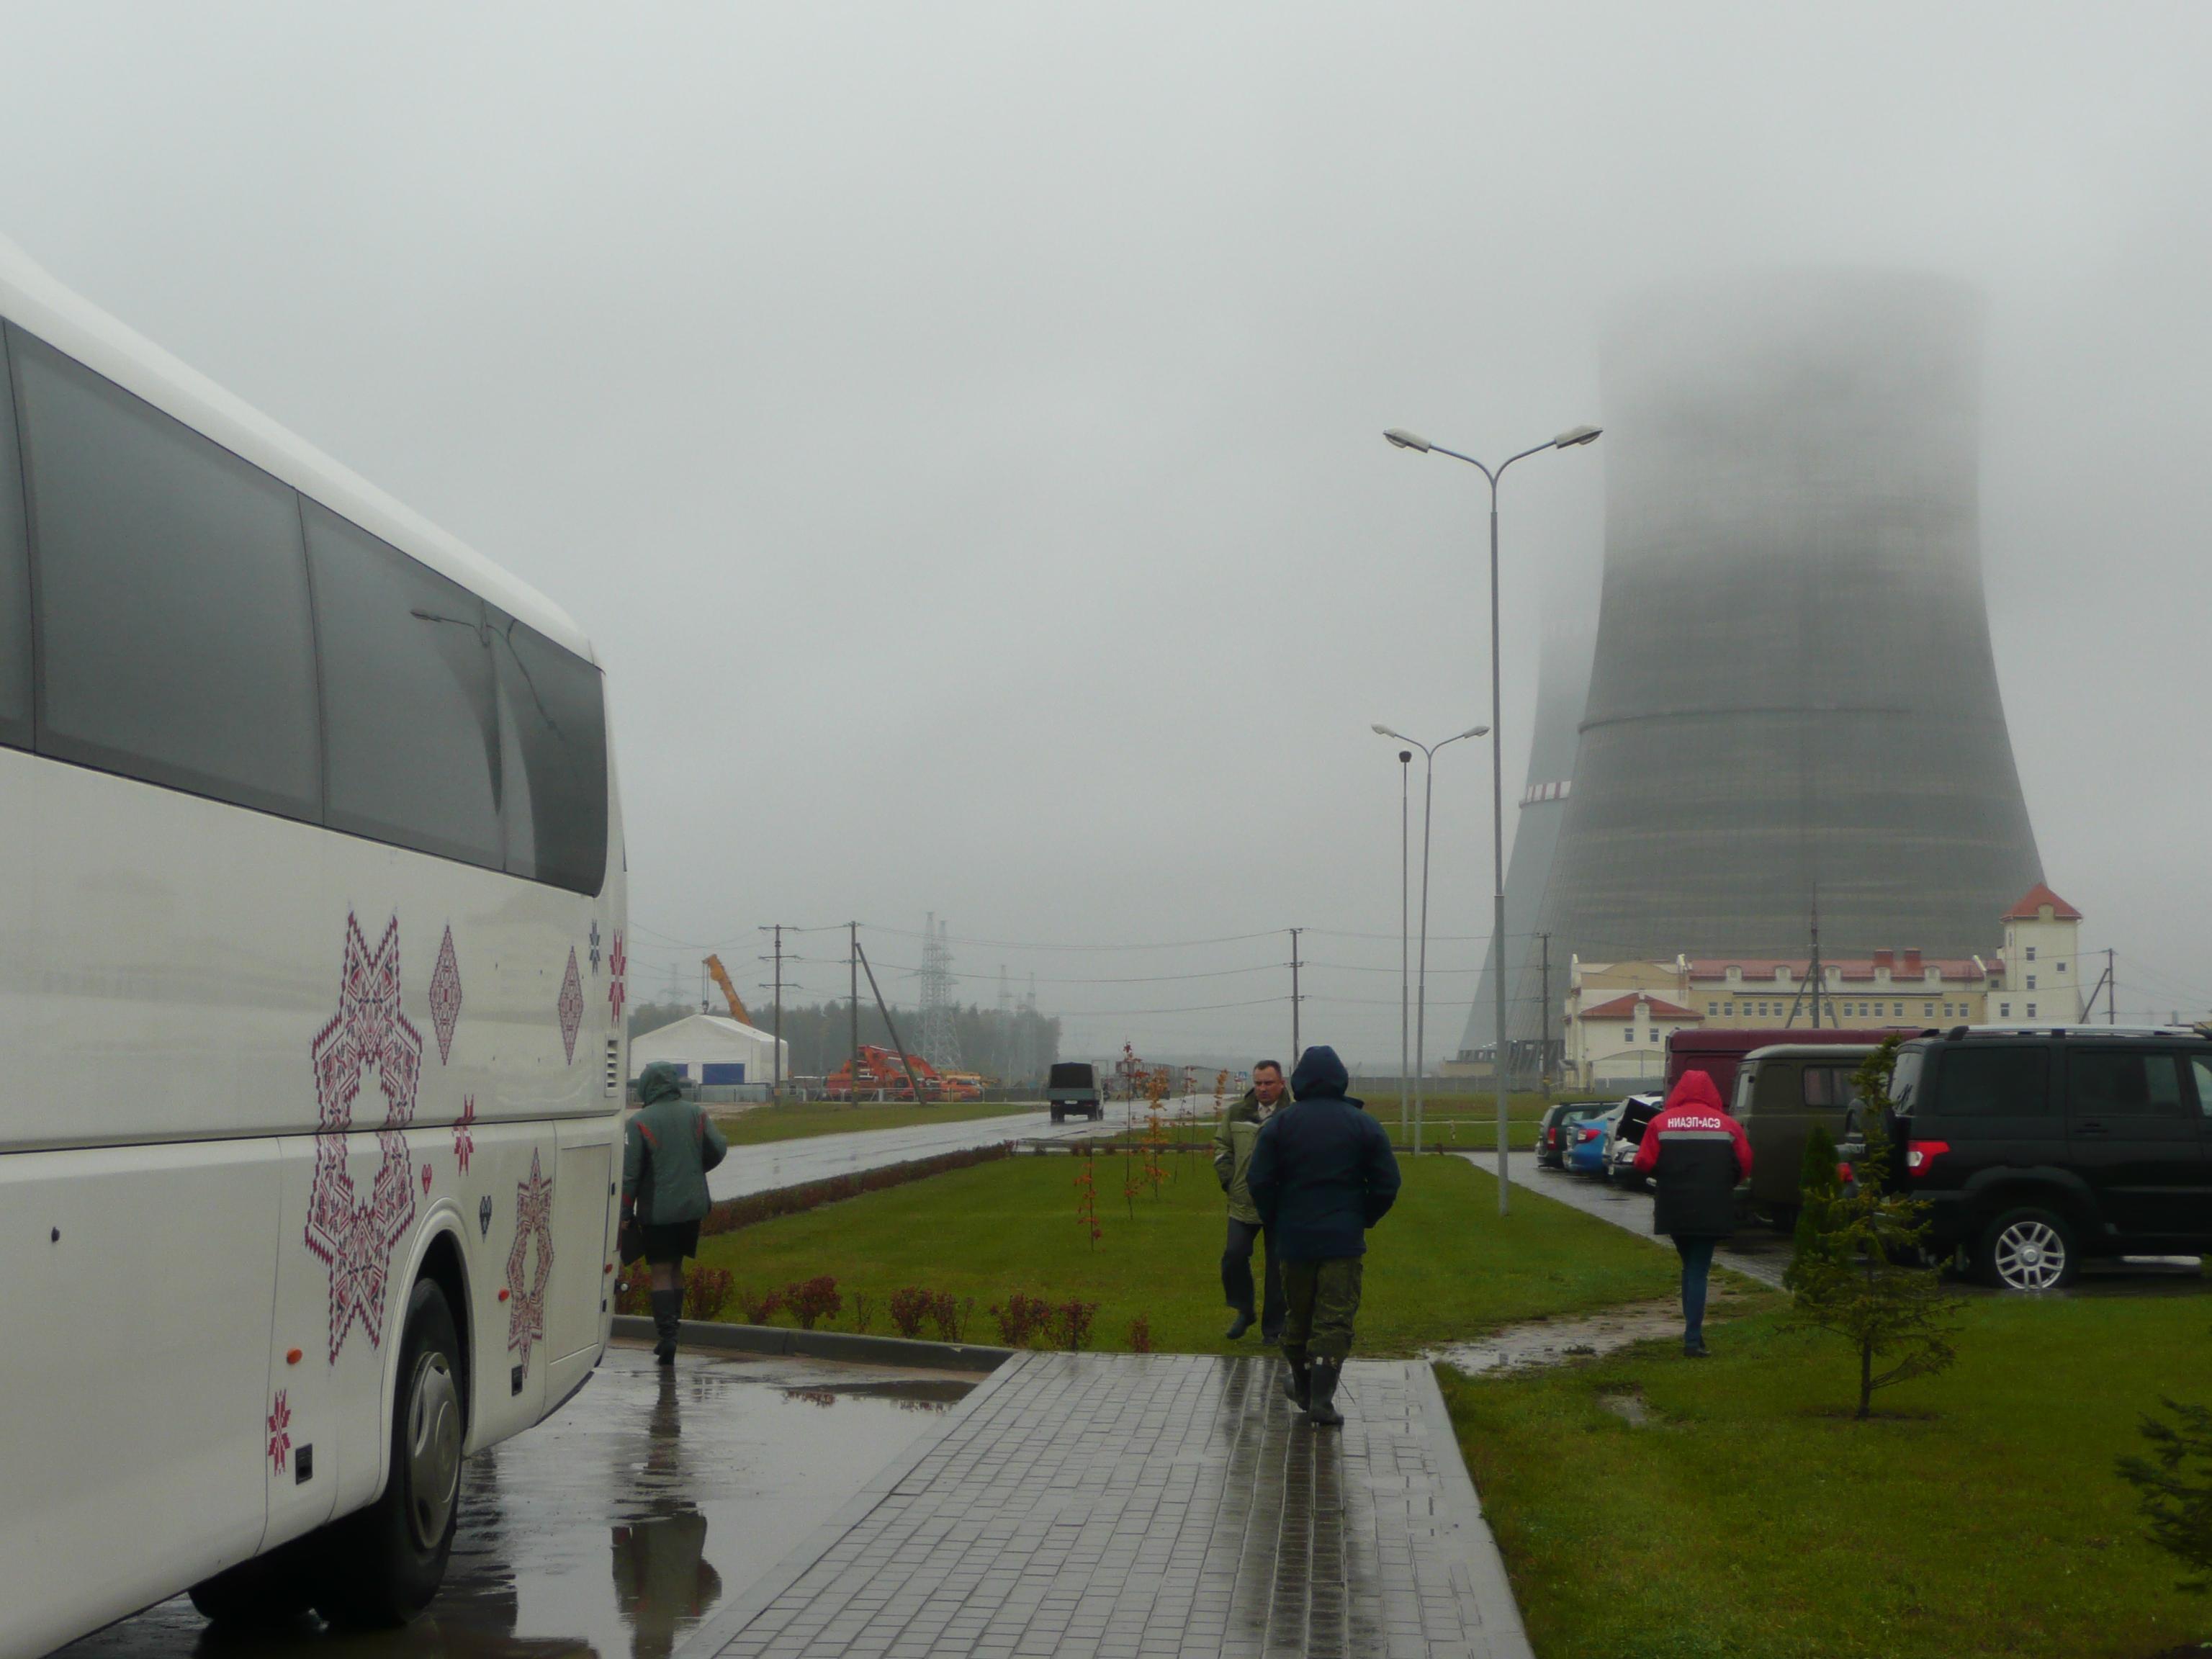 РБготова поставлять электроэнергию сосвоей АЭС вПольшу и Украинское государство